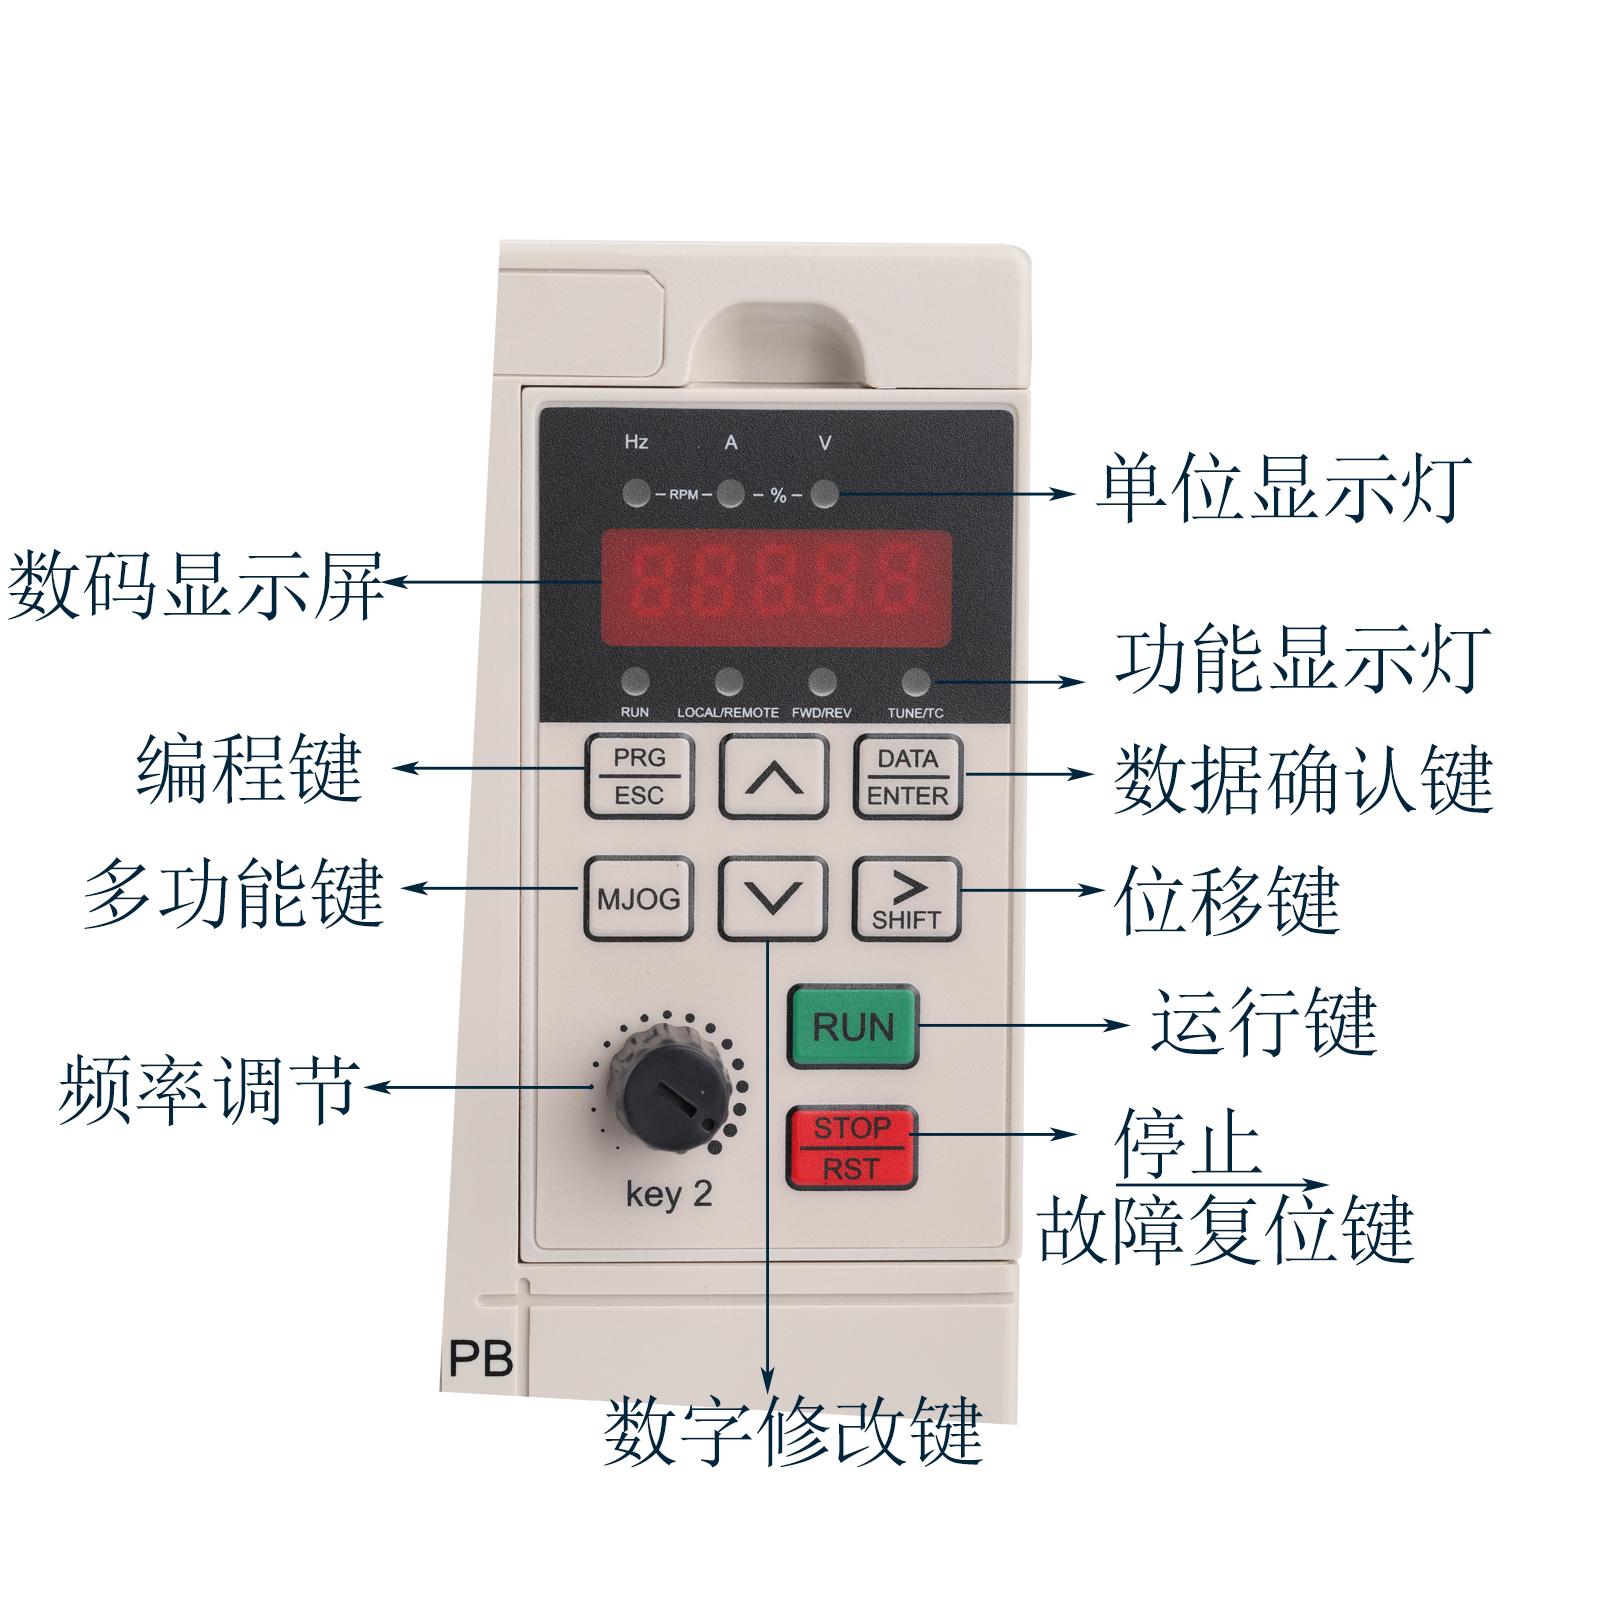 650S系列通用变频器键盘图